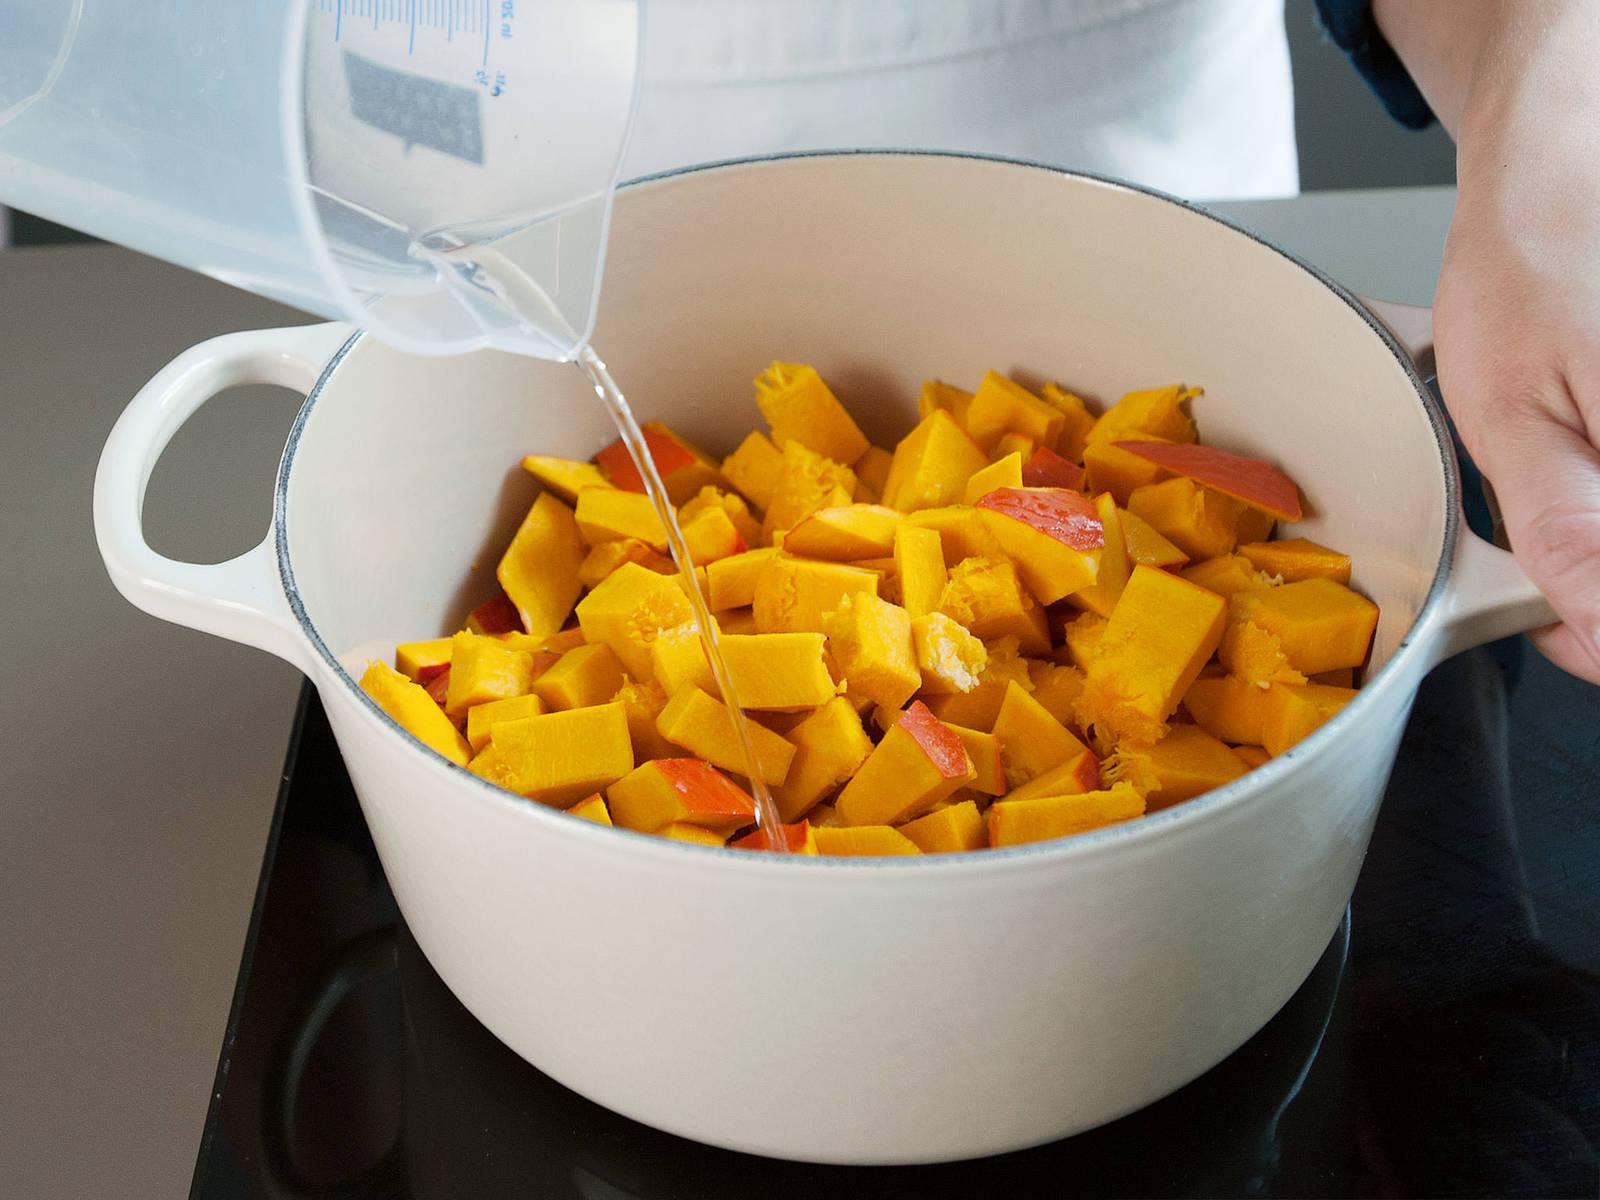 准备南瓜泥:北海道南瓜去籽后切块,和水一块放进荷兰烤炉中。中火煮沸,锅盖盖住时稍微留些空隙,煮至南瓜变软,约需25分钟。